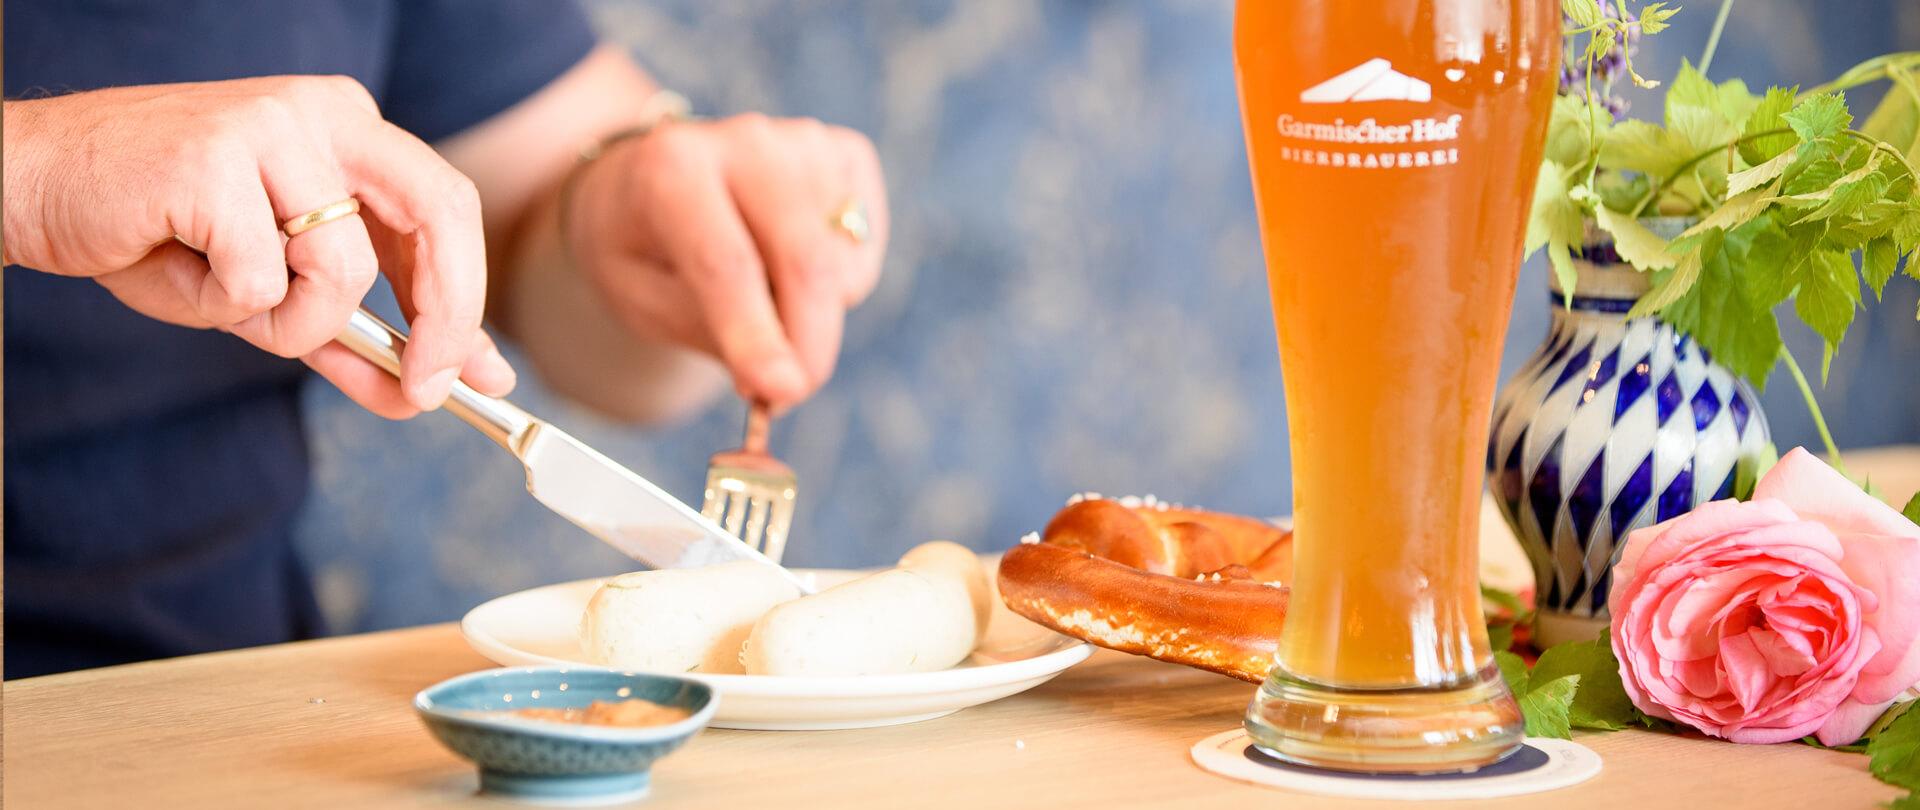 Garmischer Hof Speisen Weißwurst mit Bier